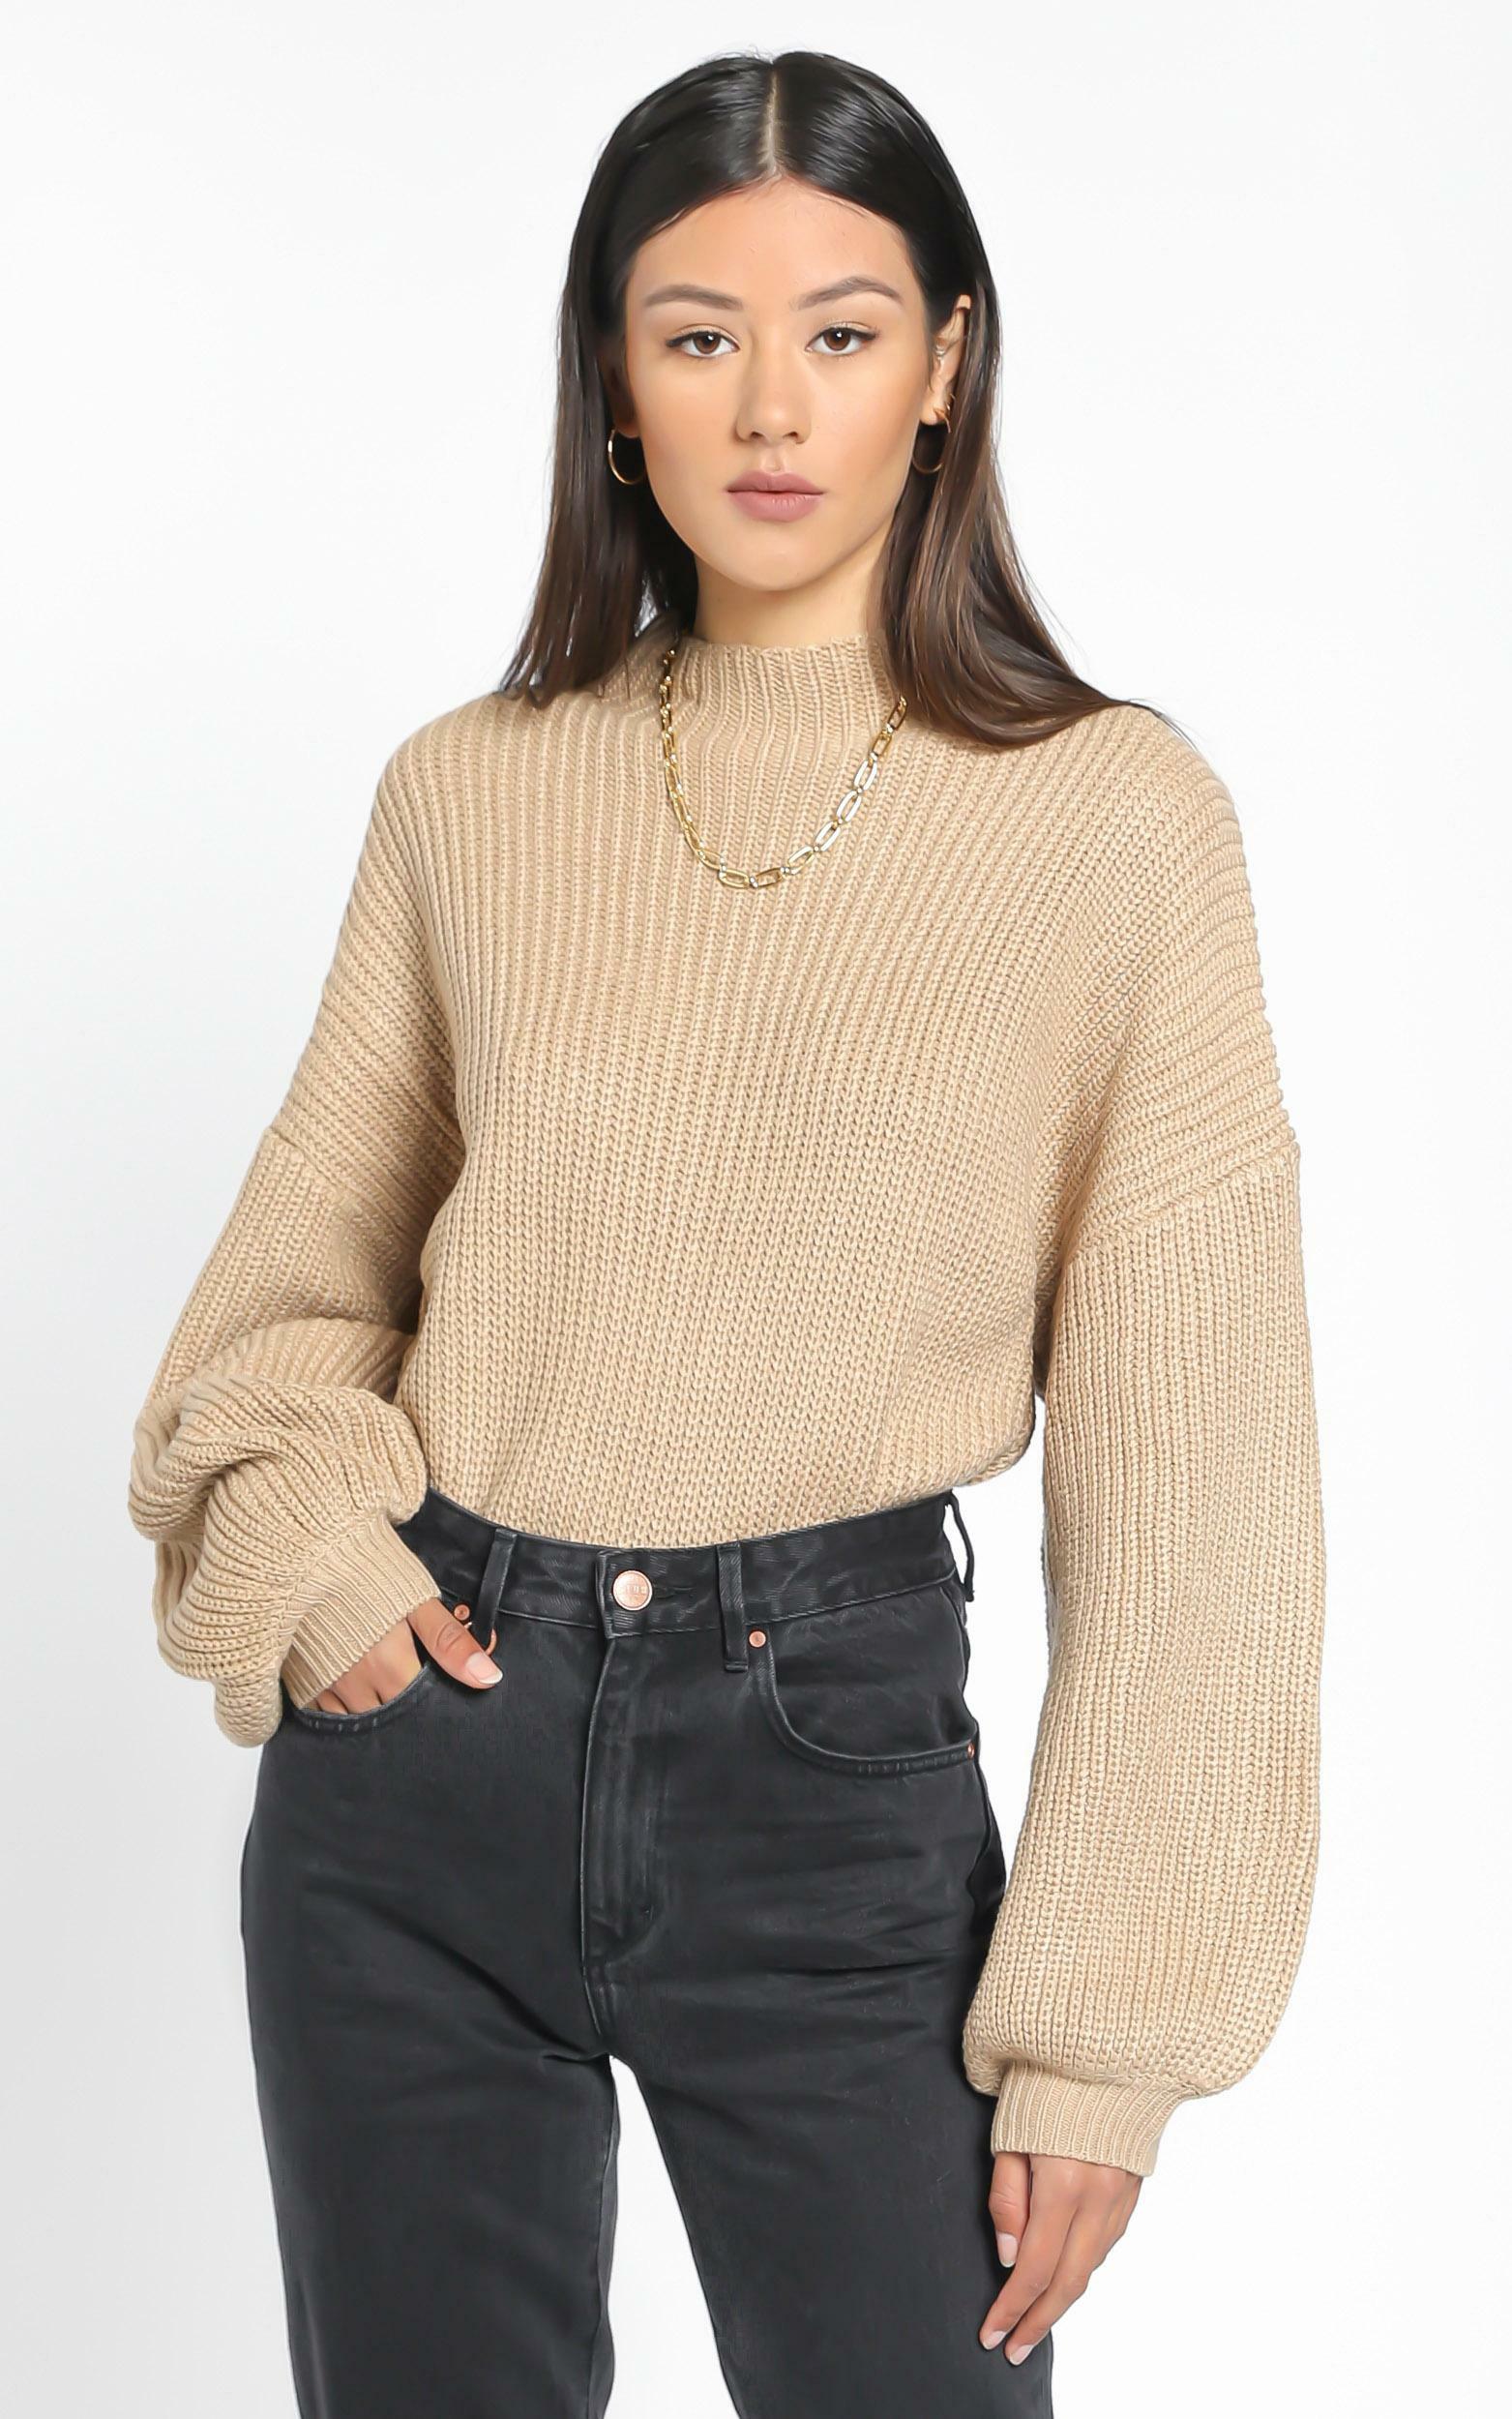 I Feel Love Oversized Knit Jumper in Mocha - 20, BRN3, hi-res image number null